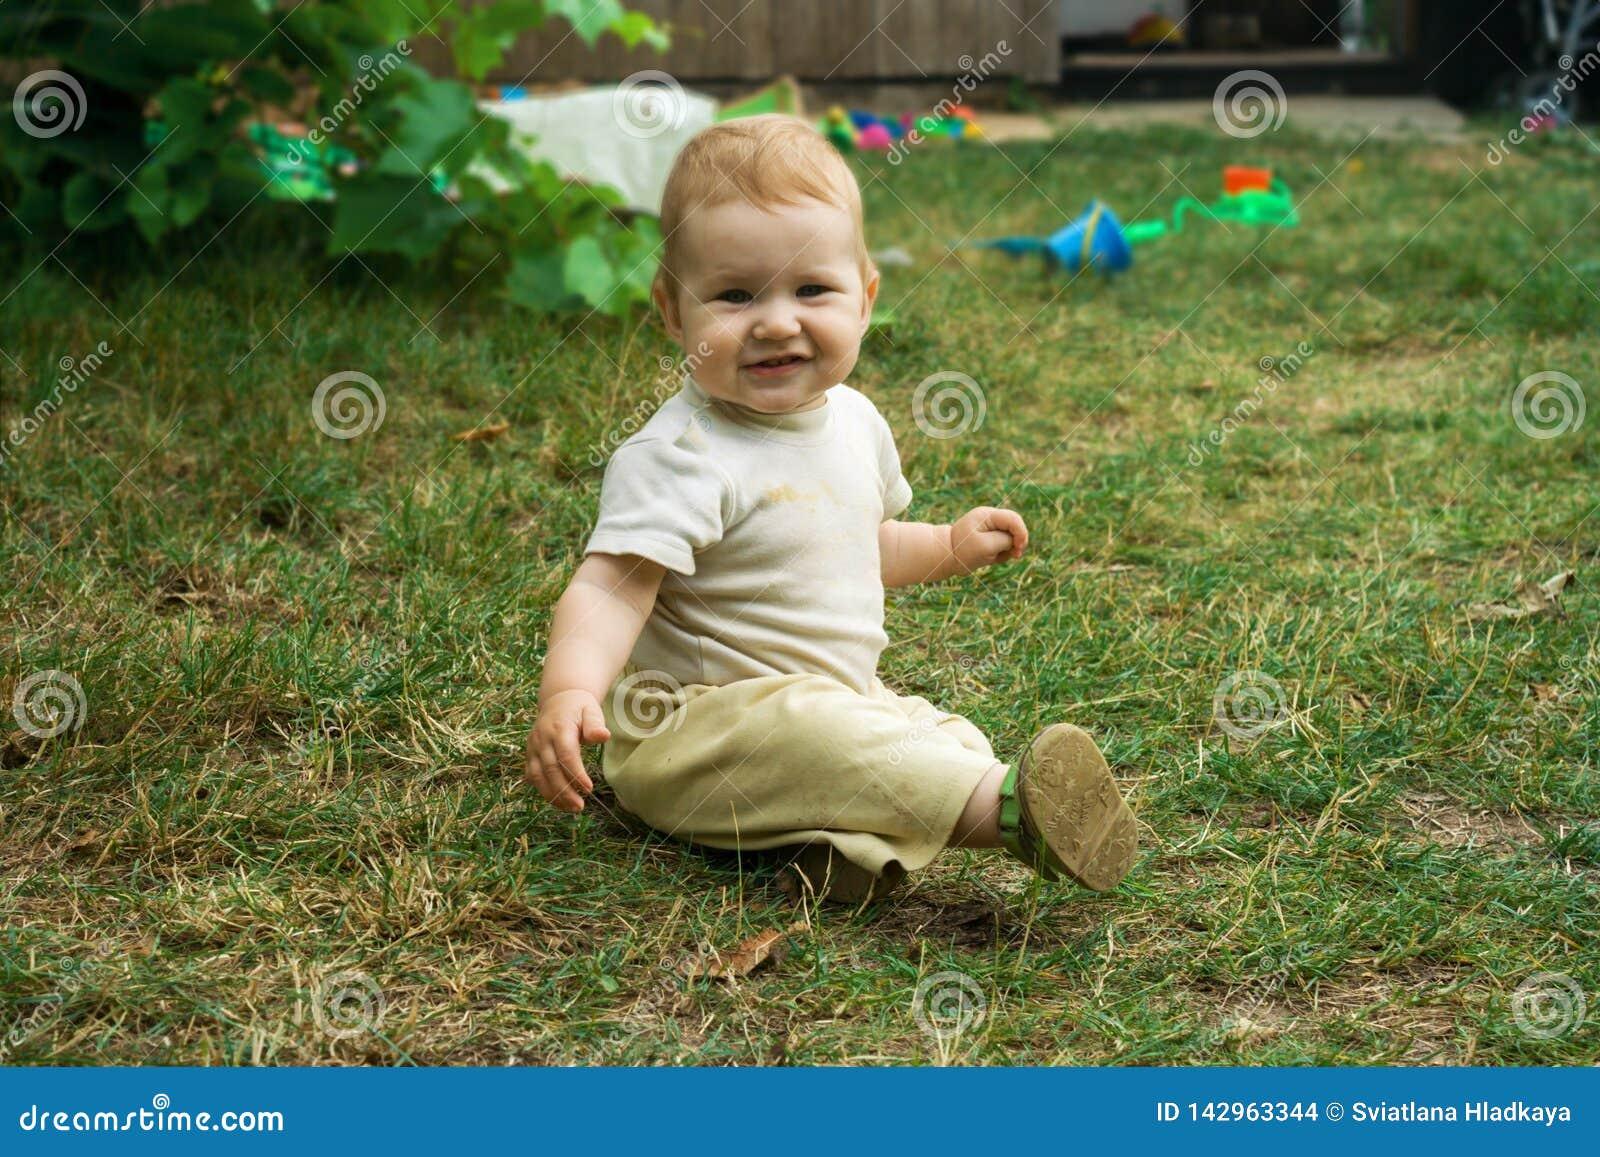 El niño se arrastra y se sienta feliz en la hierba verde Sonrisas y movimientos del niño en todos los fours alrededor de la yarda